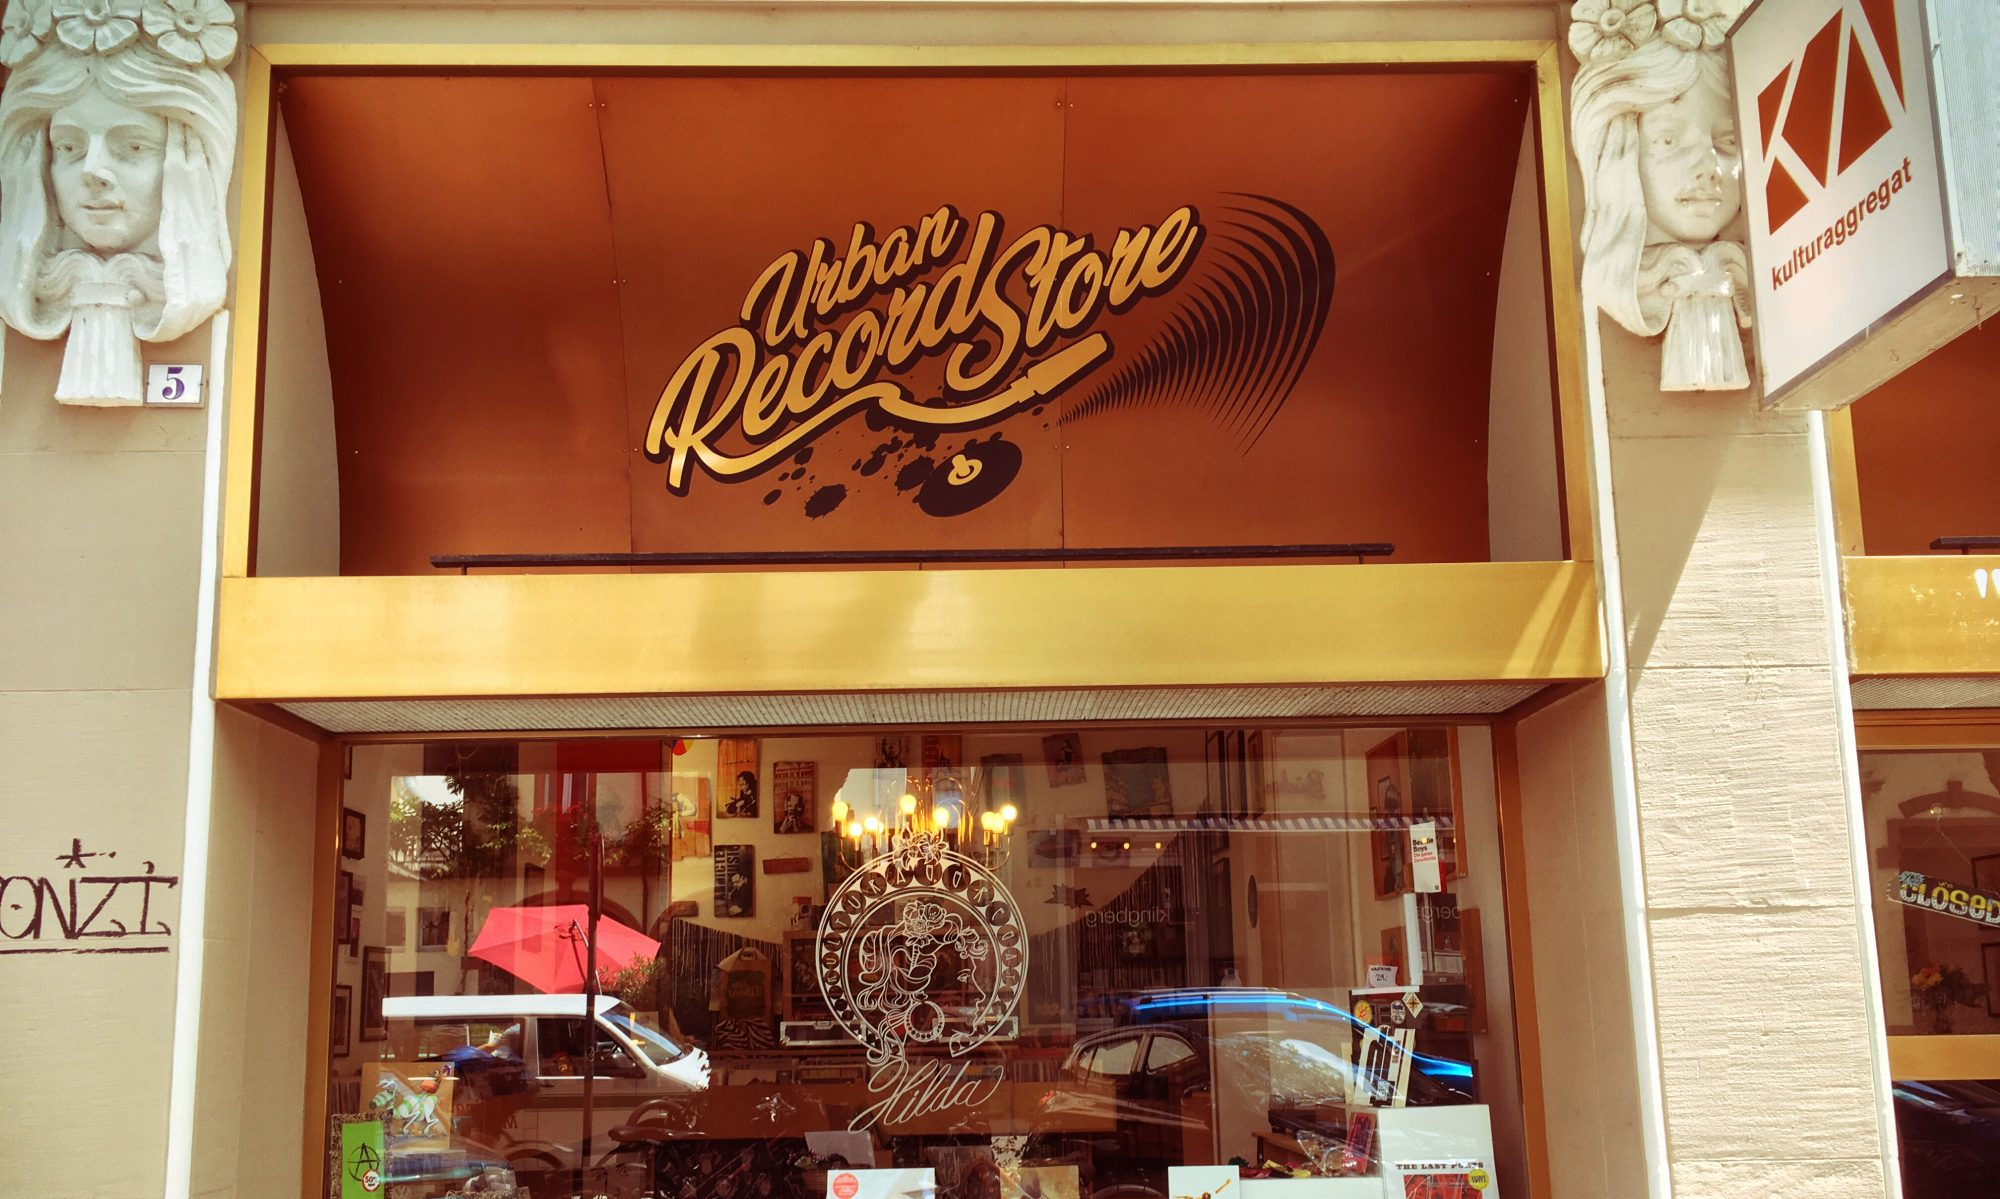 Urban Record Store